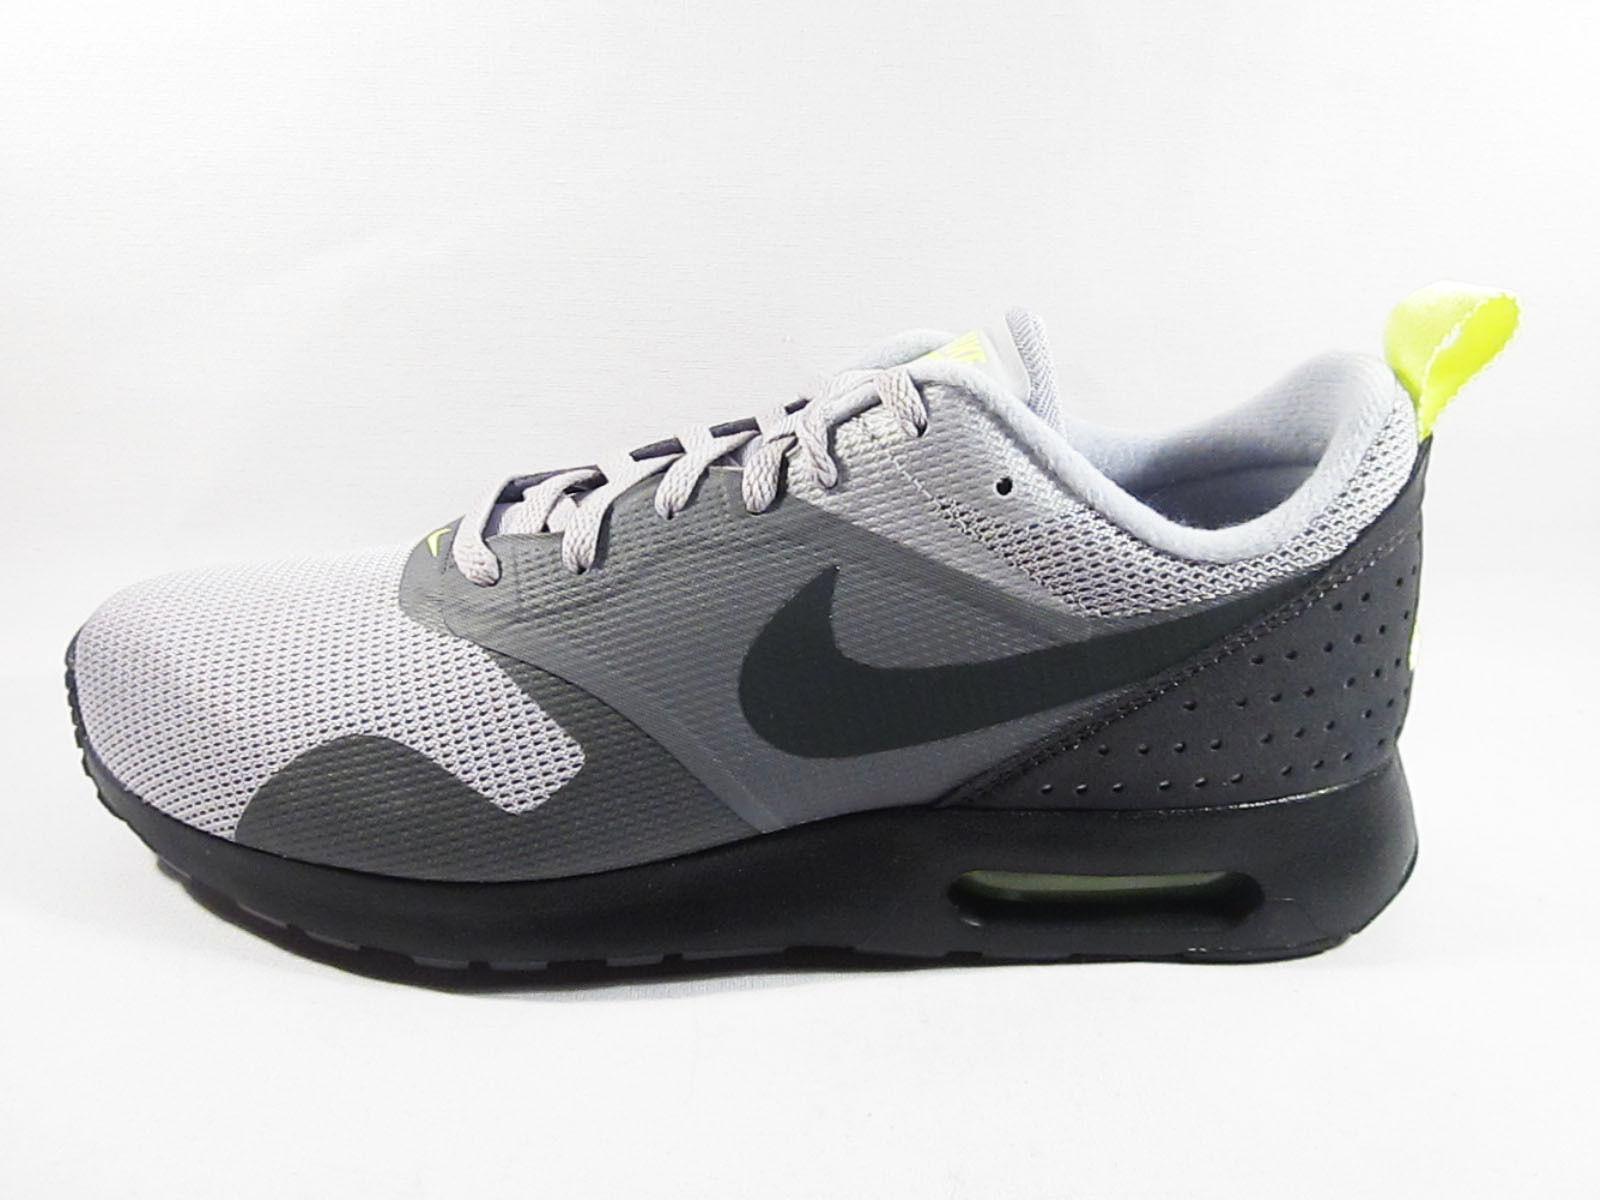 Nike air max tavas originale formatori 705149015 neri.